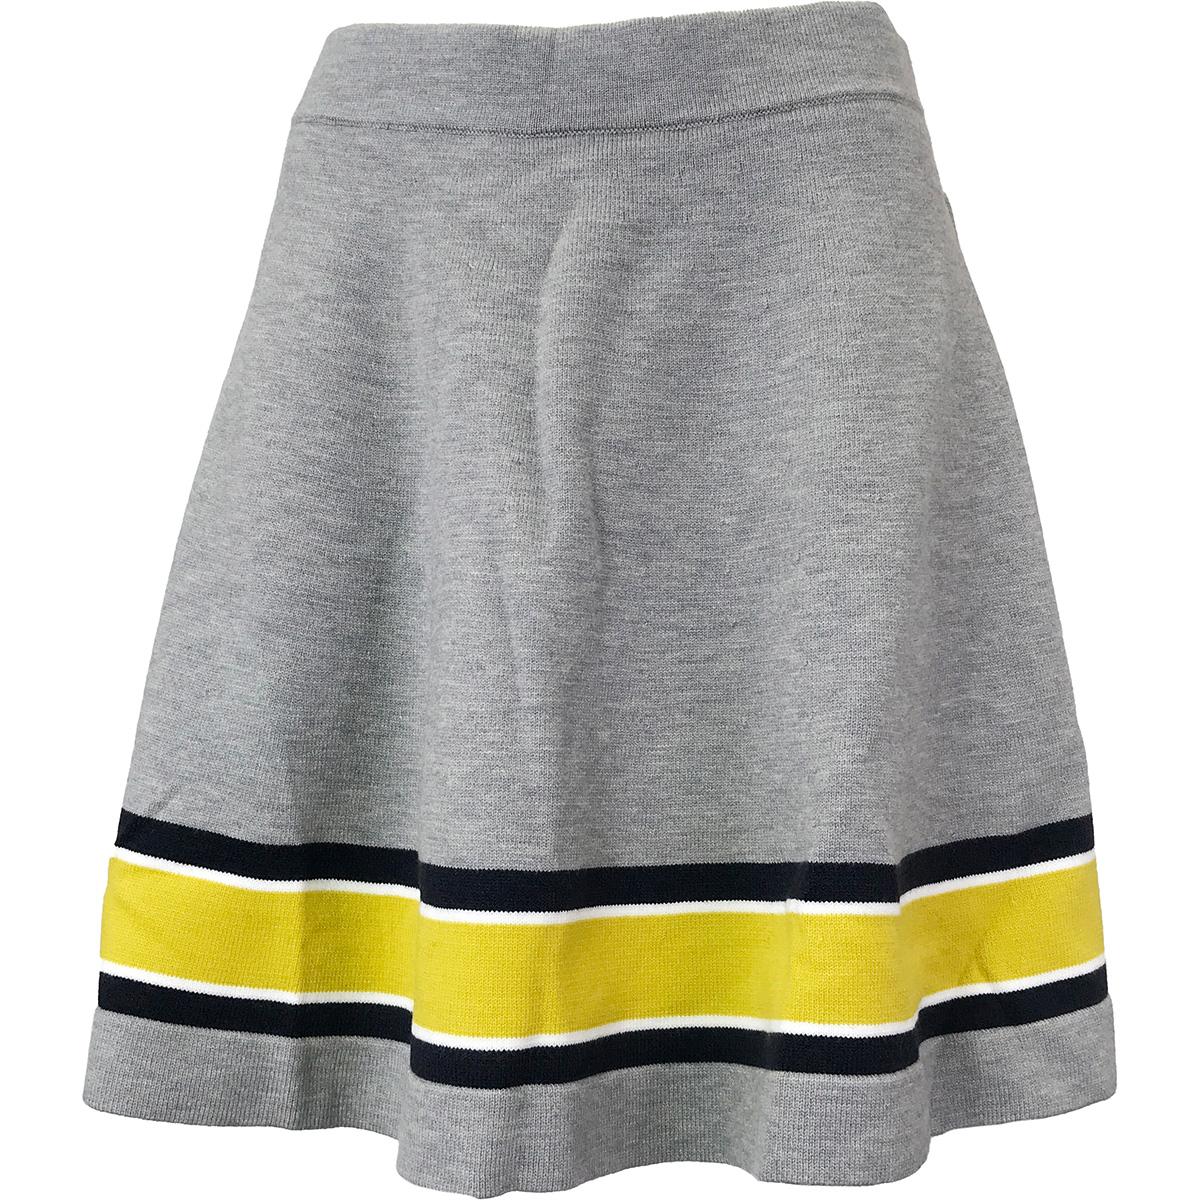 ポップコーン編みスカートレディス